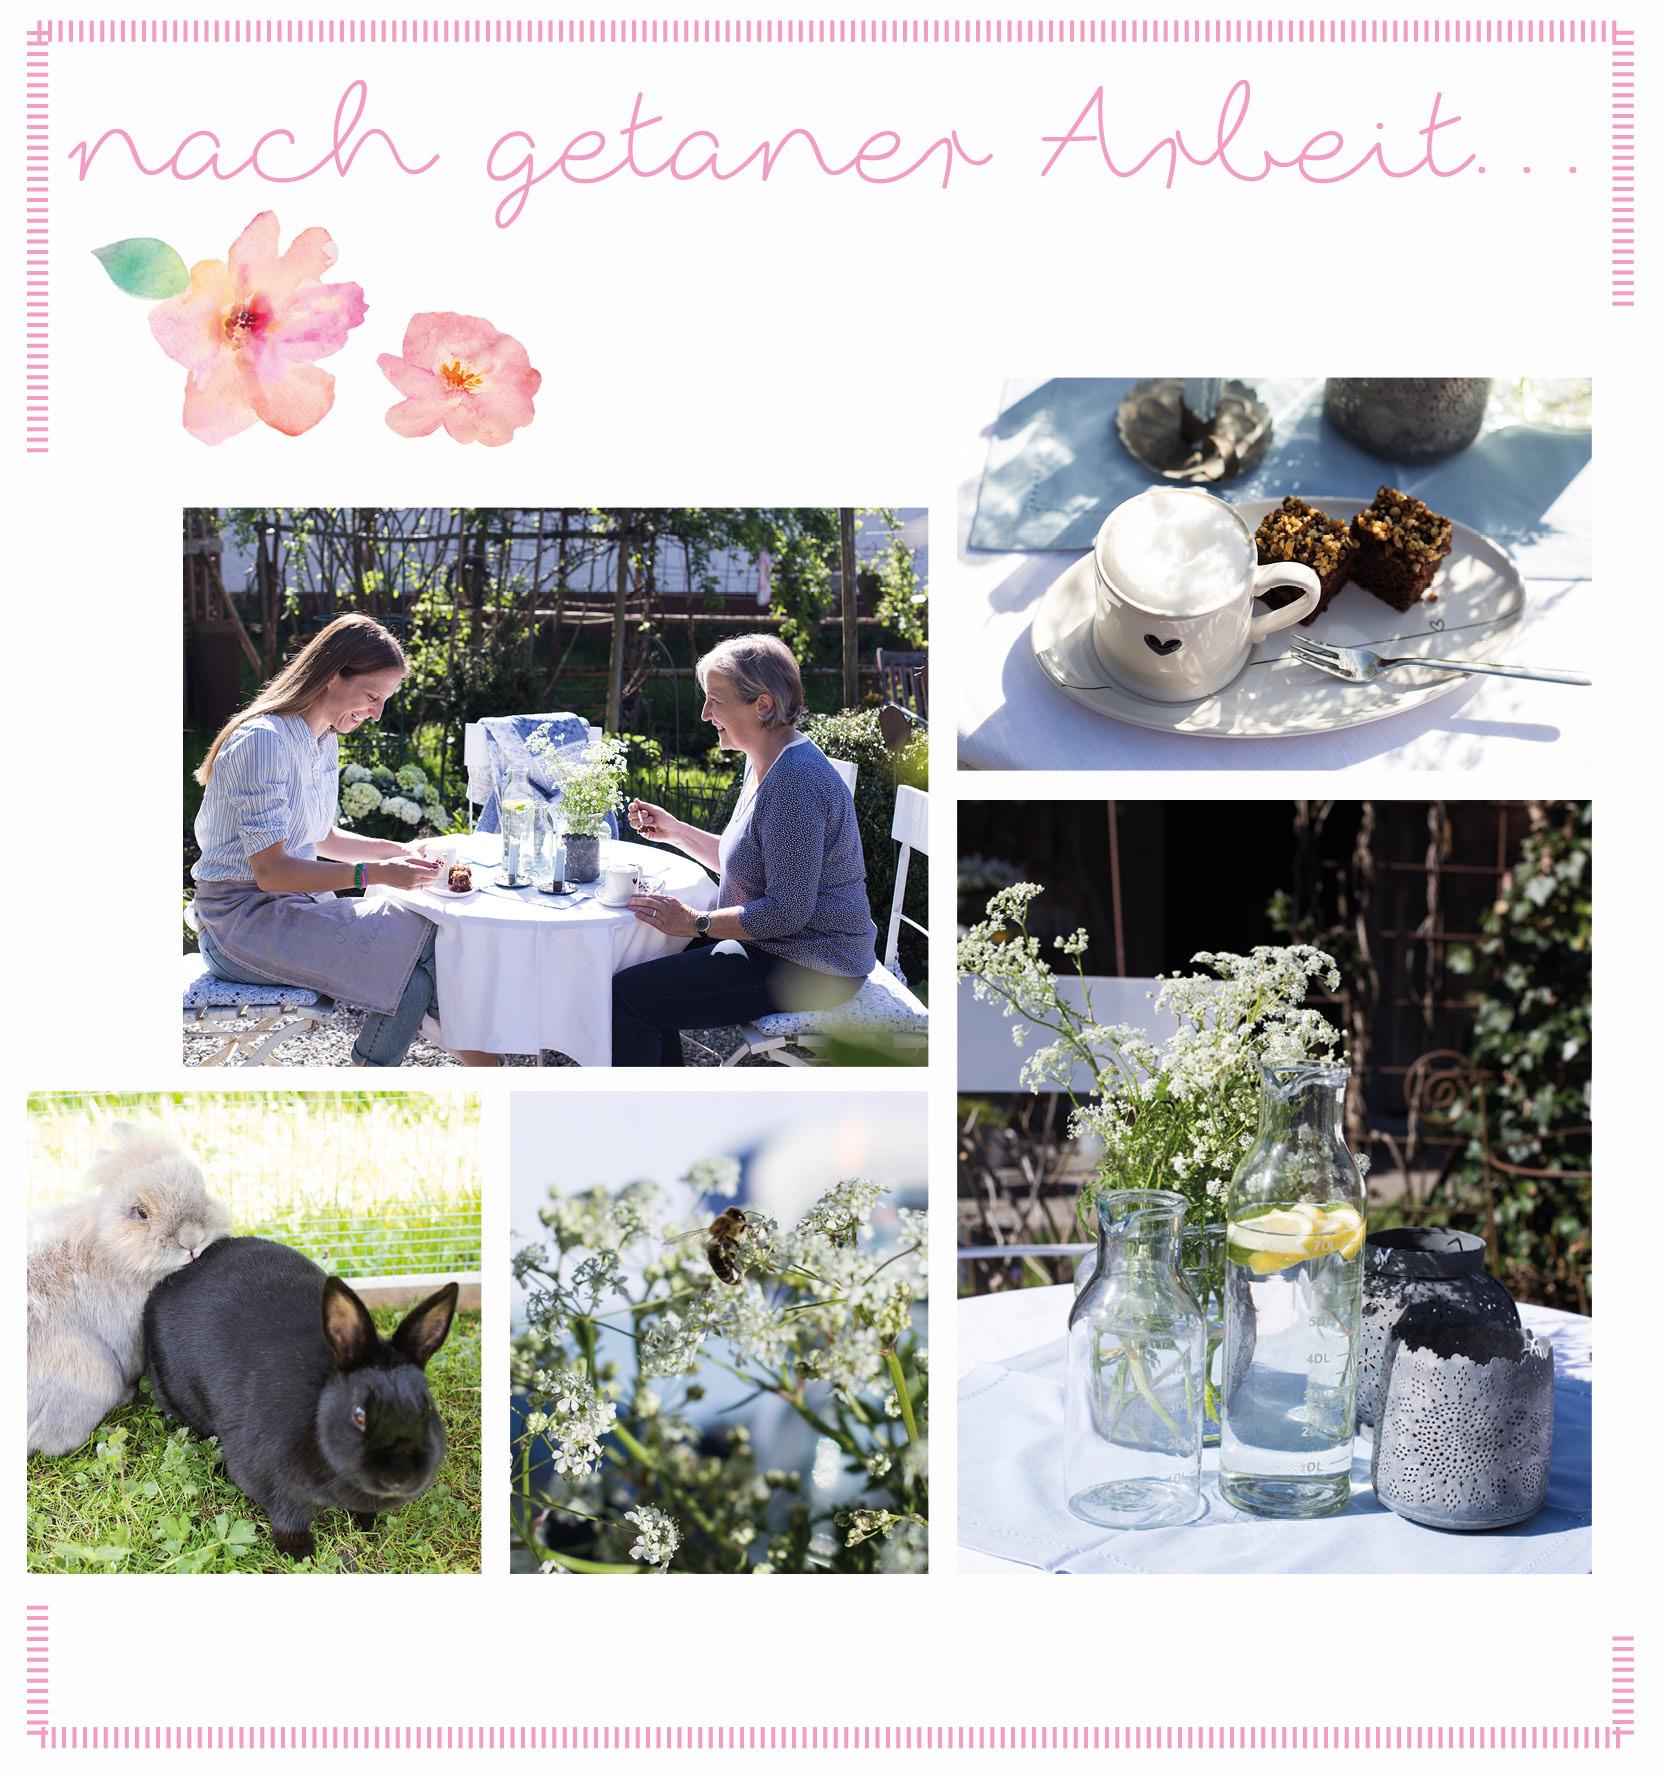 Edith und Blanka entspannen nach getaner Arbeit bei Kaffee und Kuchen im hauseigenen Garten.